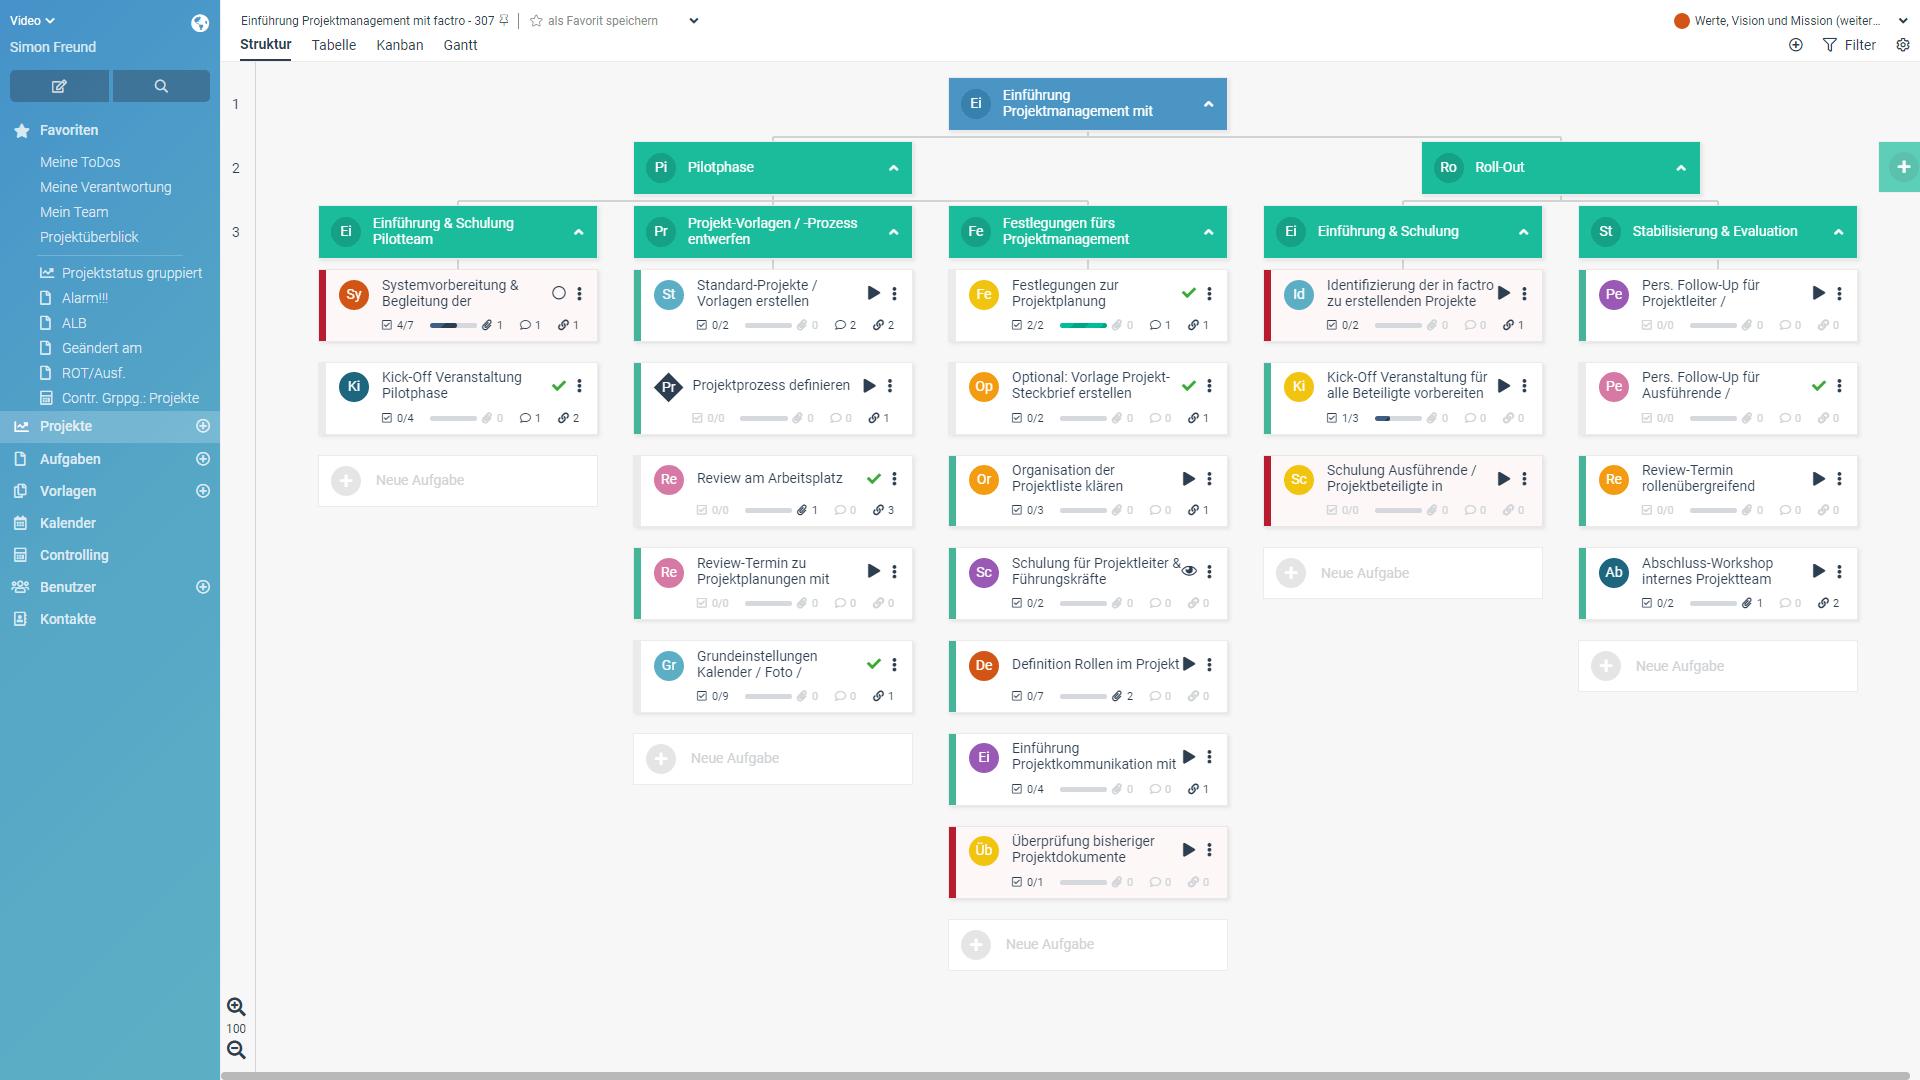 Projektstrukturbaum factro